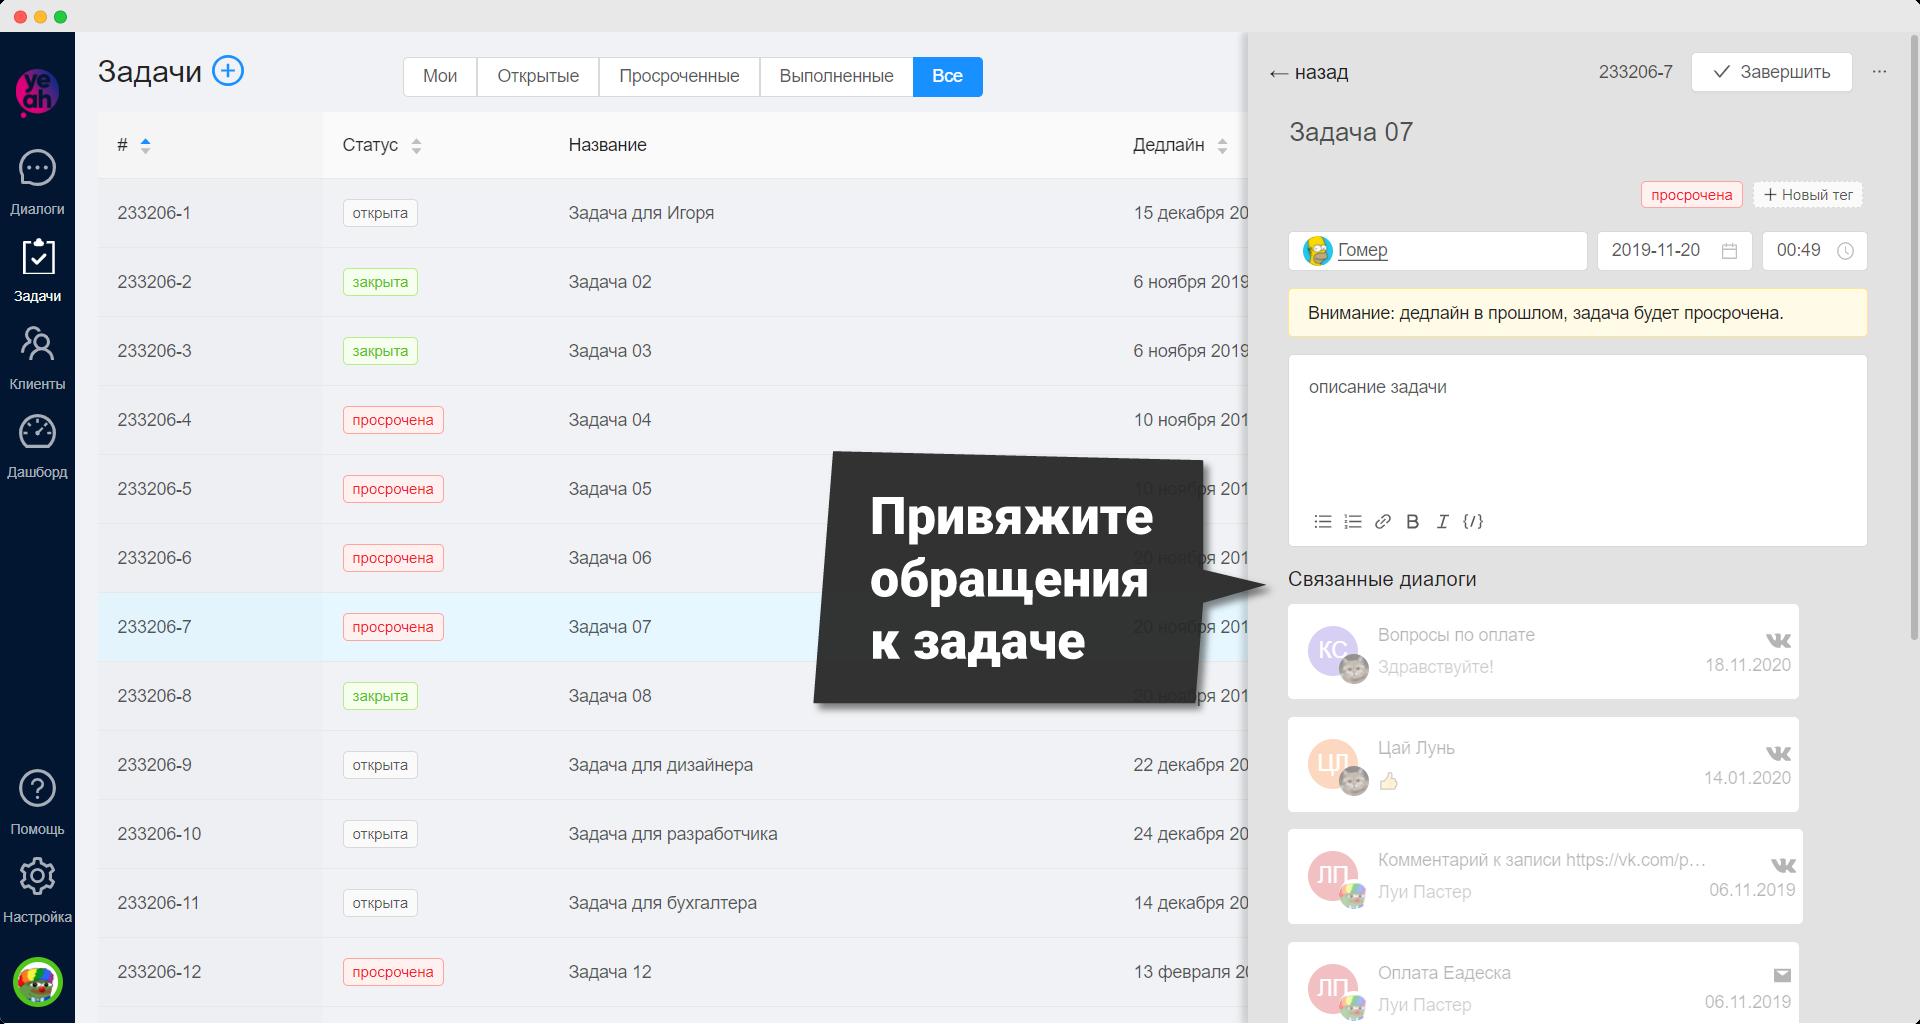 Привязанные к задаче диалоги клиентов в интерфейсе Еадеска